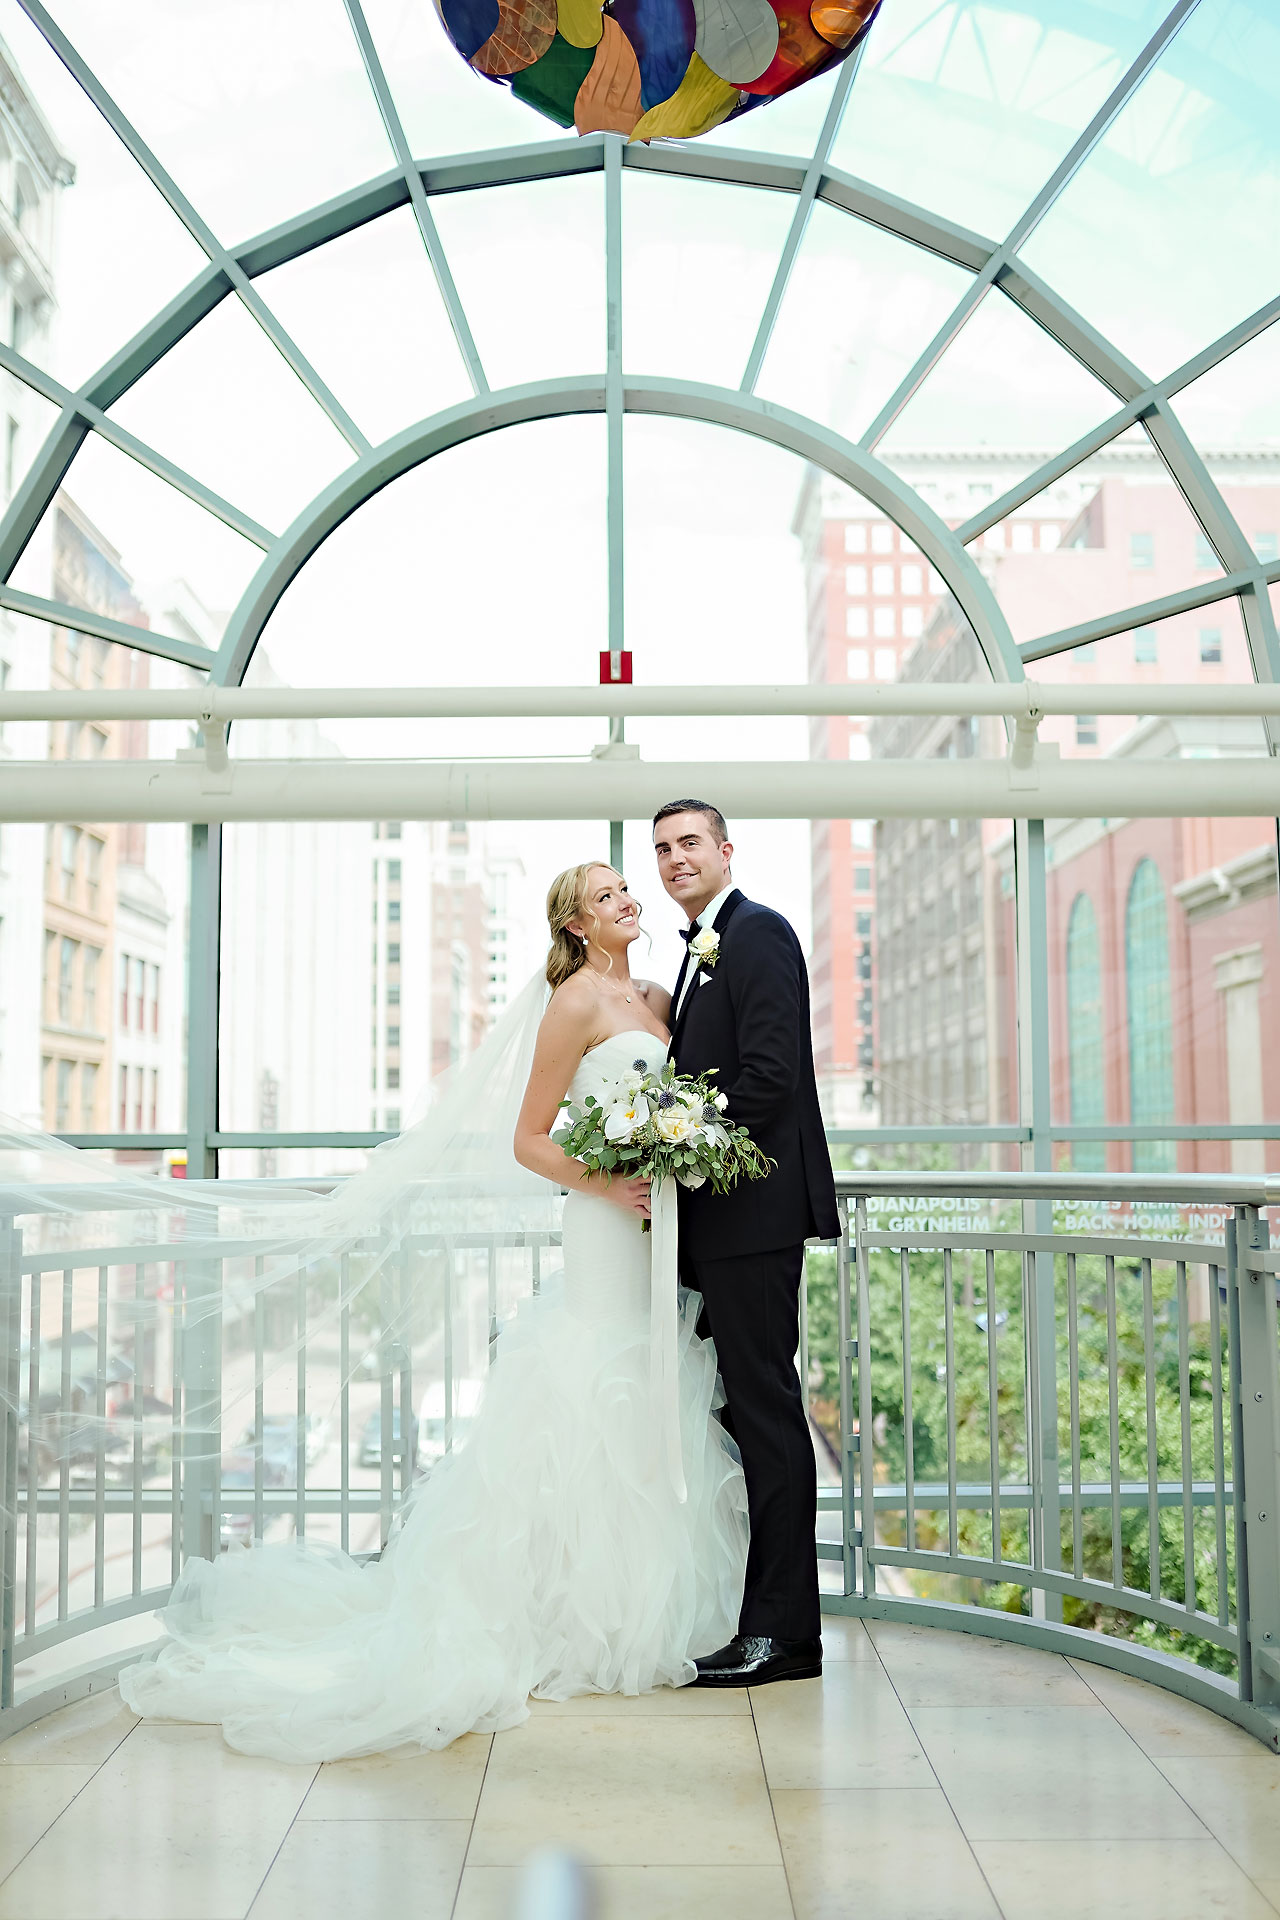 Liz Zach Conrad Artsgarden Indianapolis Wedding 137